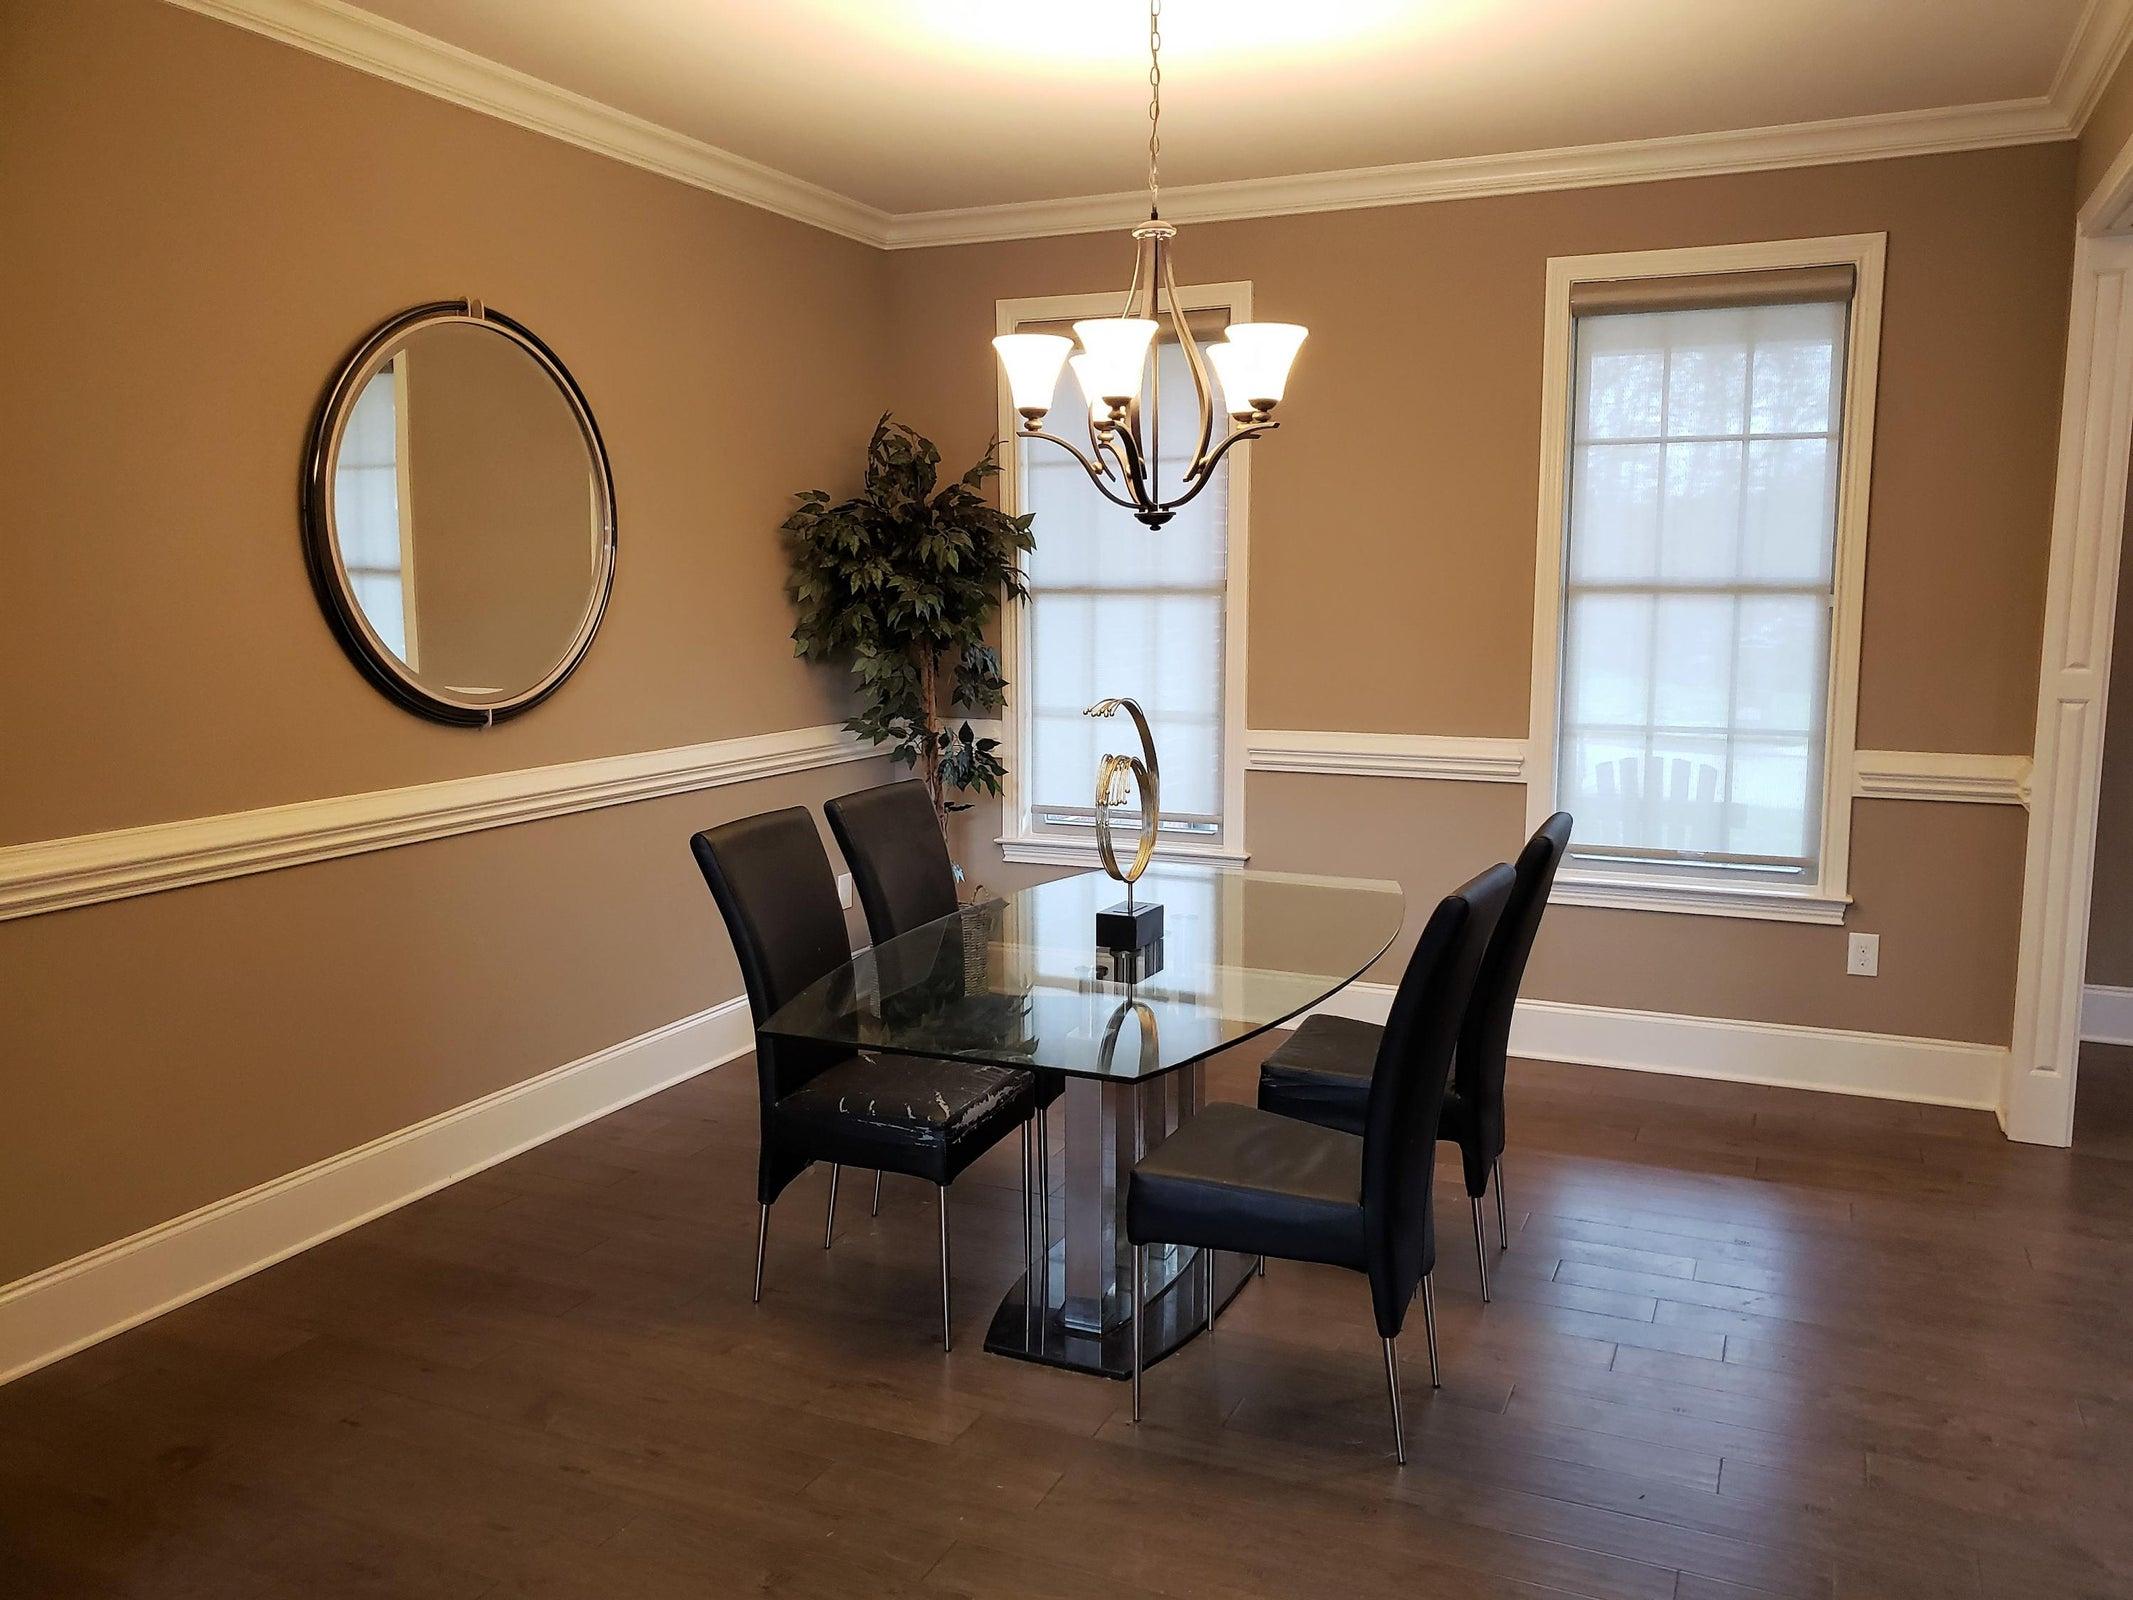 wendy siman - 3 dining room